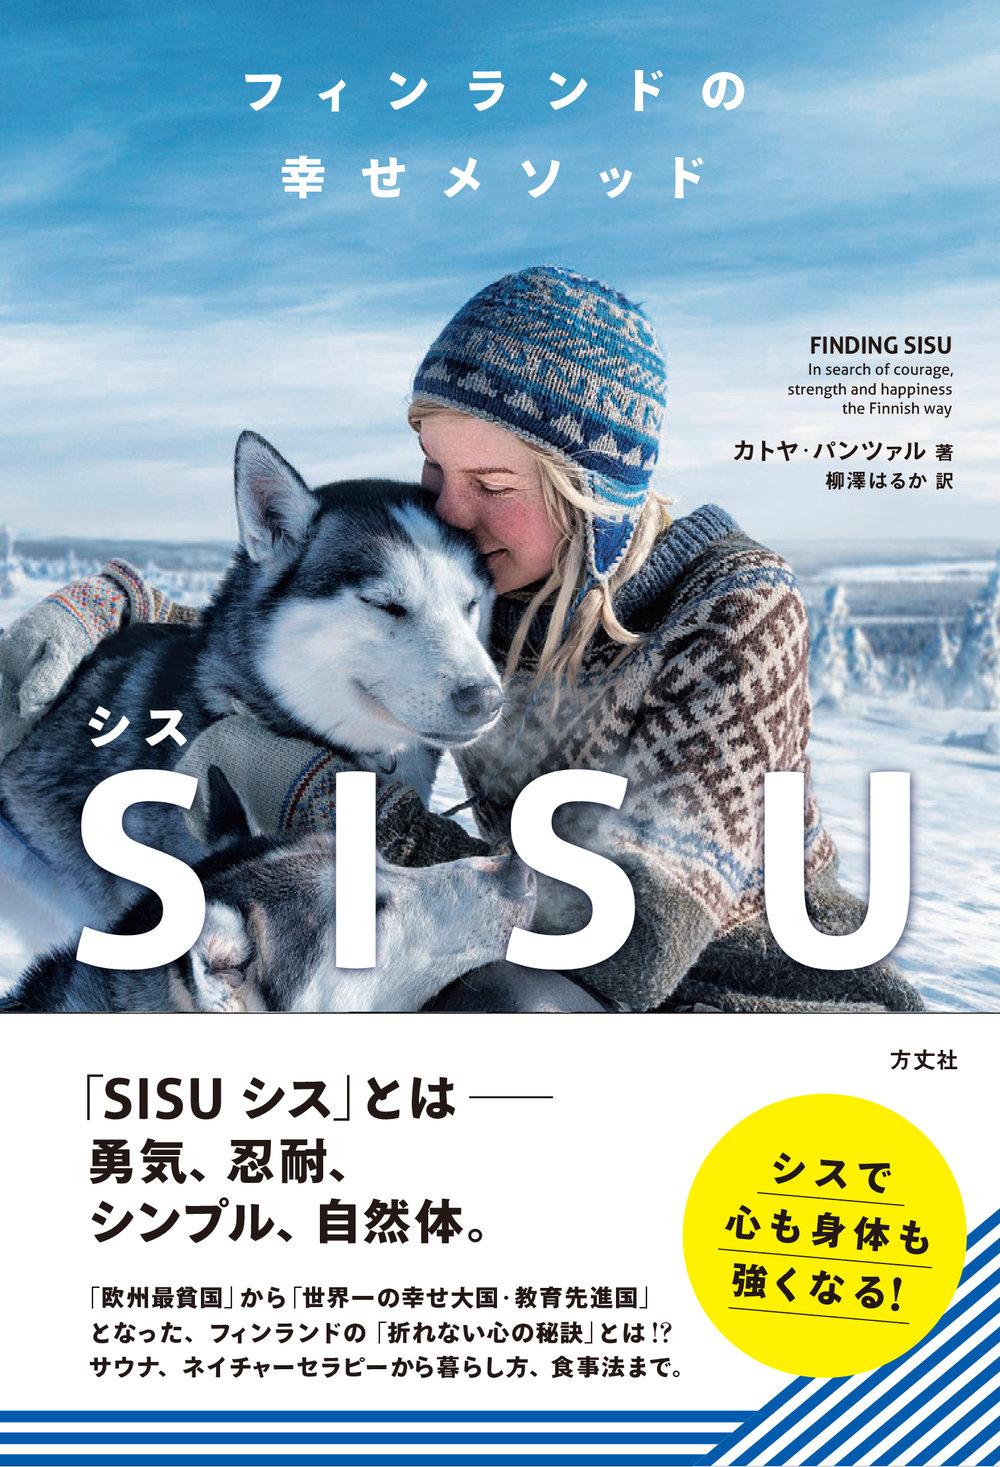 『フィンランドの幸せメソッドSISU(シス)』発売中 - フィンランドが世界一幸せな国である秘訣は、「SISU(シス)」にある。厳しい環境の中でも勇気・忍耐・自然体を忘れない。それはいわば、フィンランド魂。幸せ大国に学ぶ、シンプルな生き方、折れない心のつくり方。カトヤ・パンツァル (著), 柳澤はるか (翻訳)